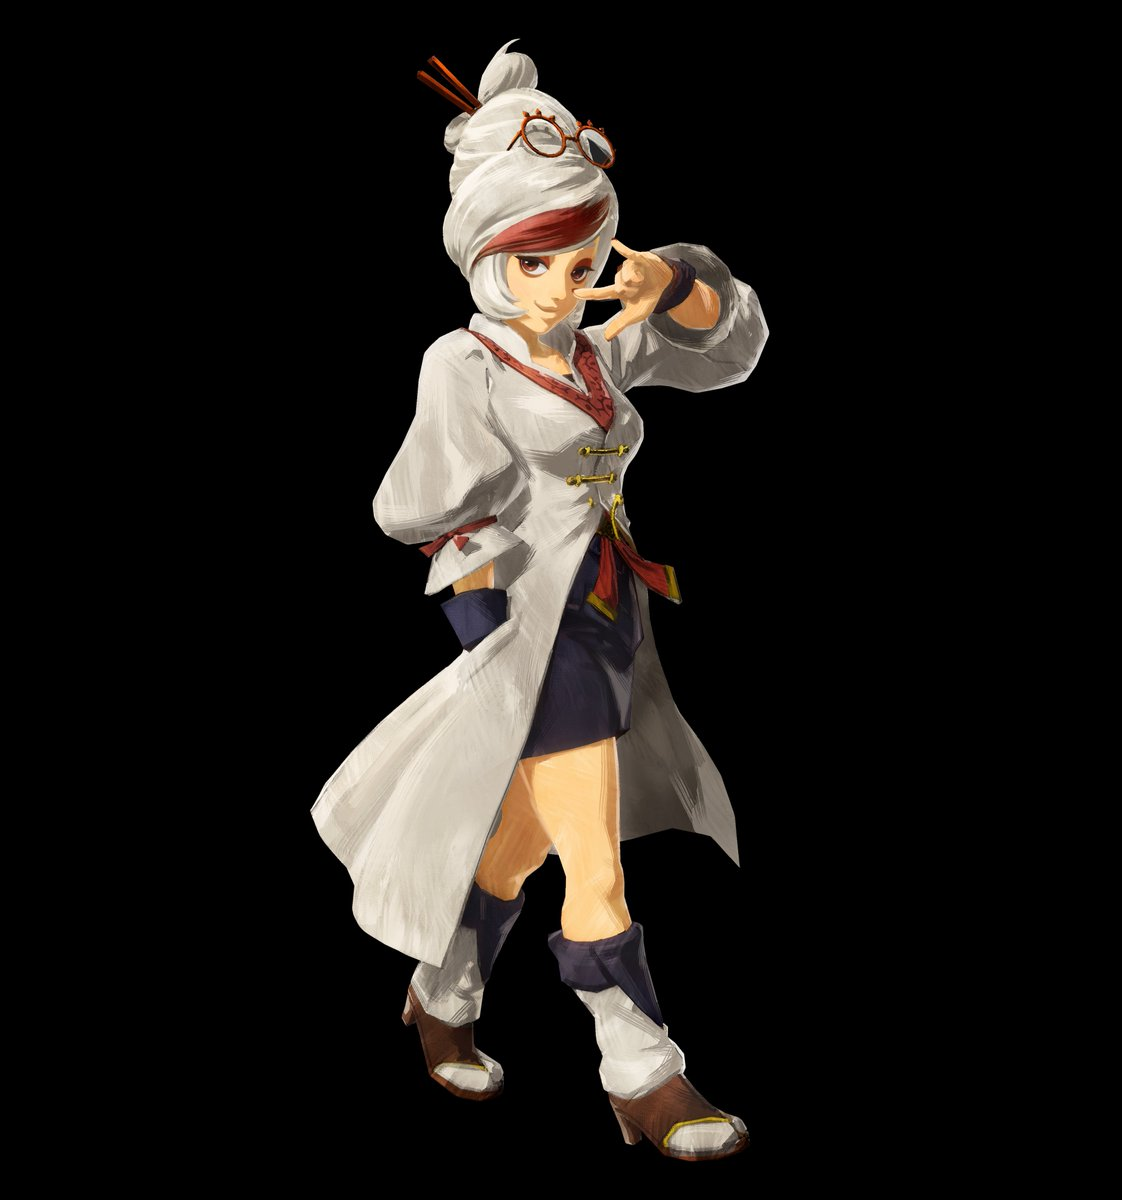 Die Figuren Von Hyrule Warriors Zeit Der Verheerung Zeigen Sich In Vielen Weiteren Bildern Ntower Dein Nintendo Onlinemagazin